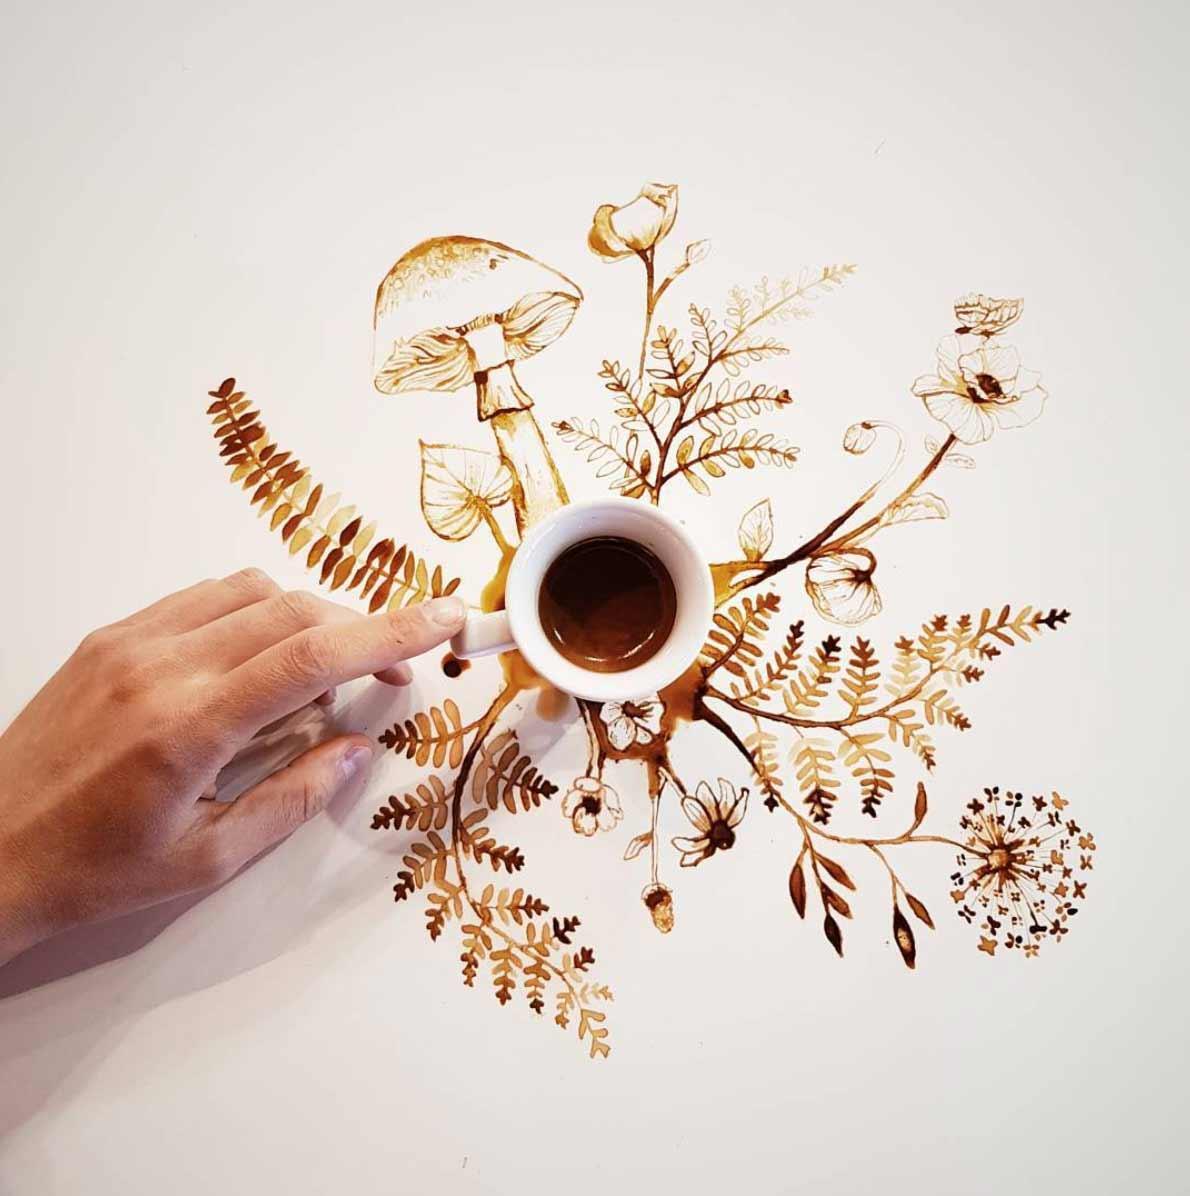 Neue Kaffee-Kunst von Giulia Bernardelli Giulia-Bernardelli-kaffeekunst-2_06